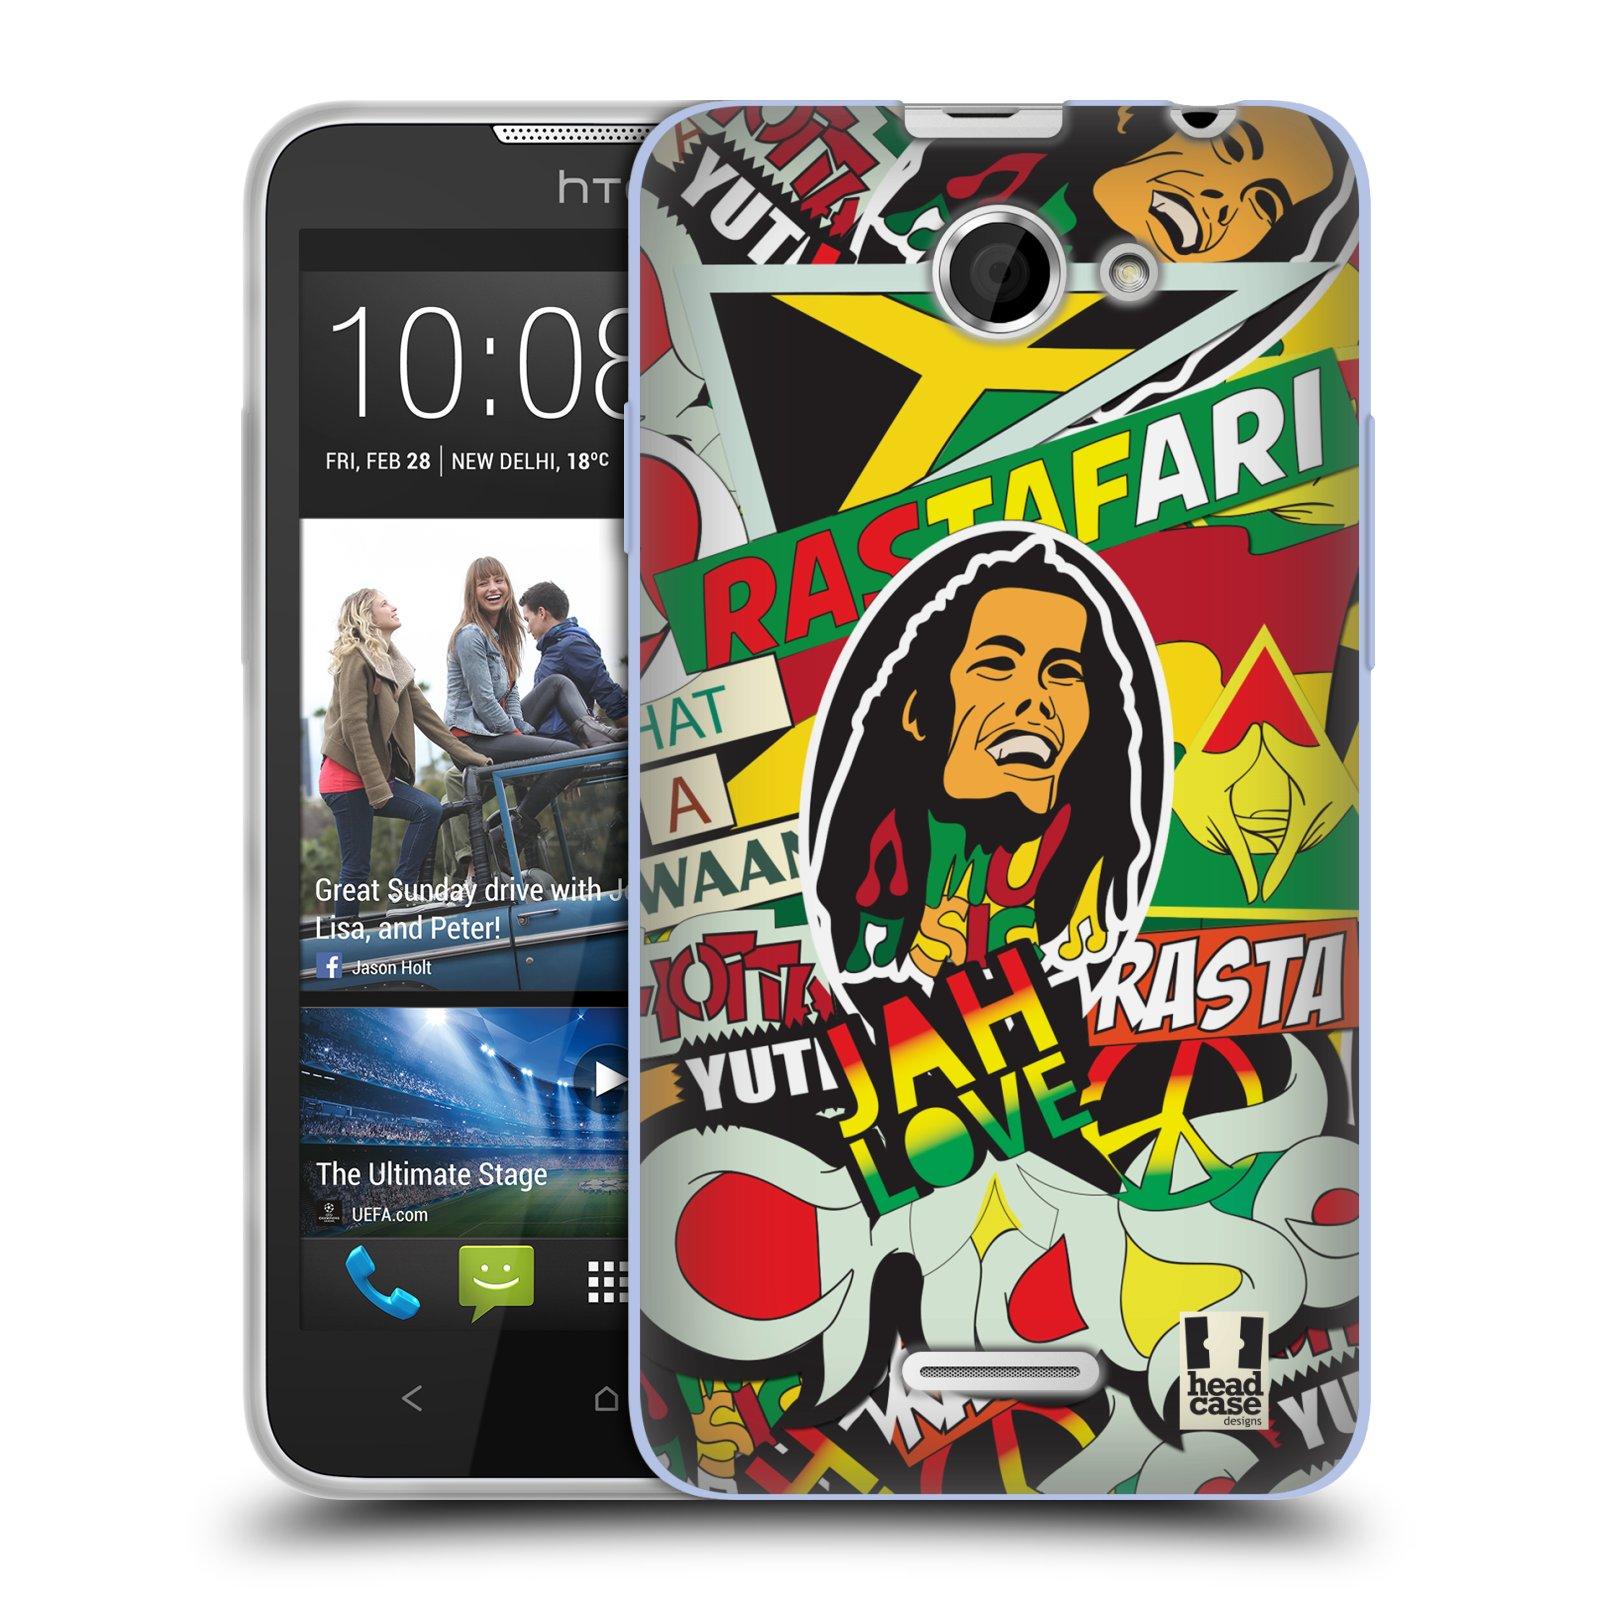 Silikonové pouzdro na mobil HTC Desire 516 HEAD CASE RASTA (Silikonový kryt či obal na mobilní telefon HTC Desire 516 Dual SIM)